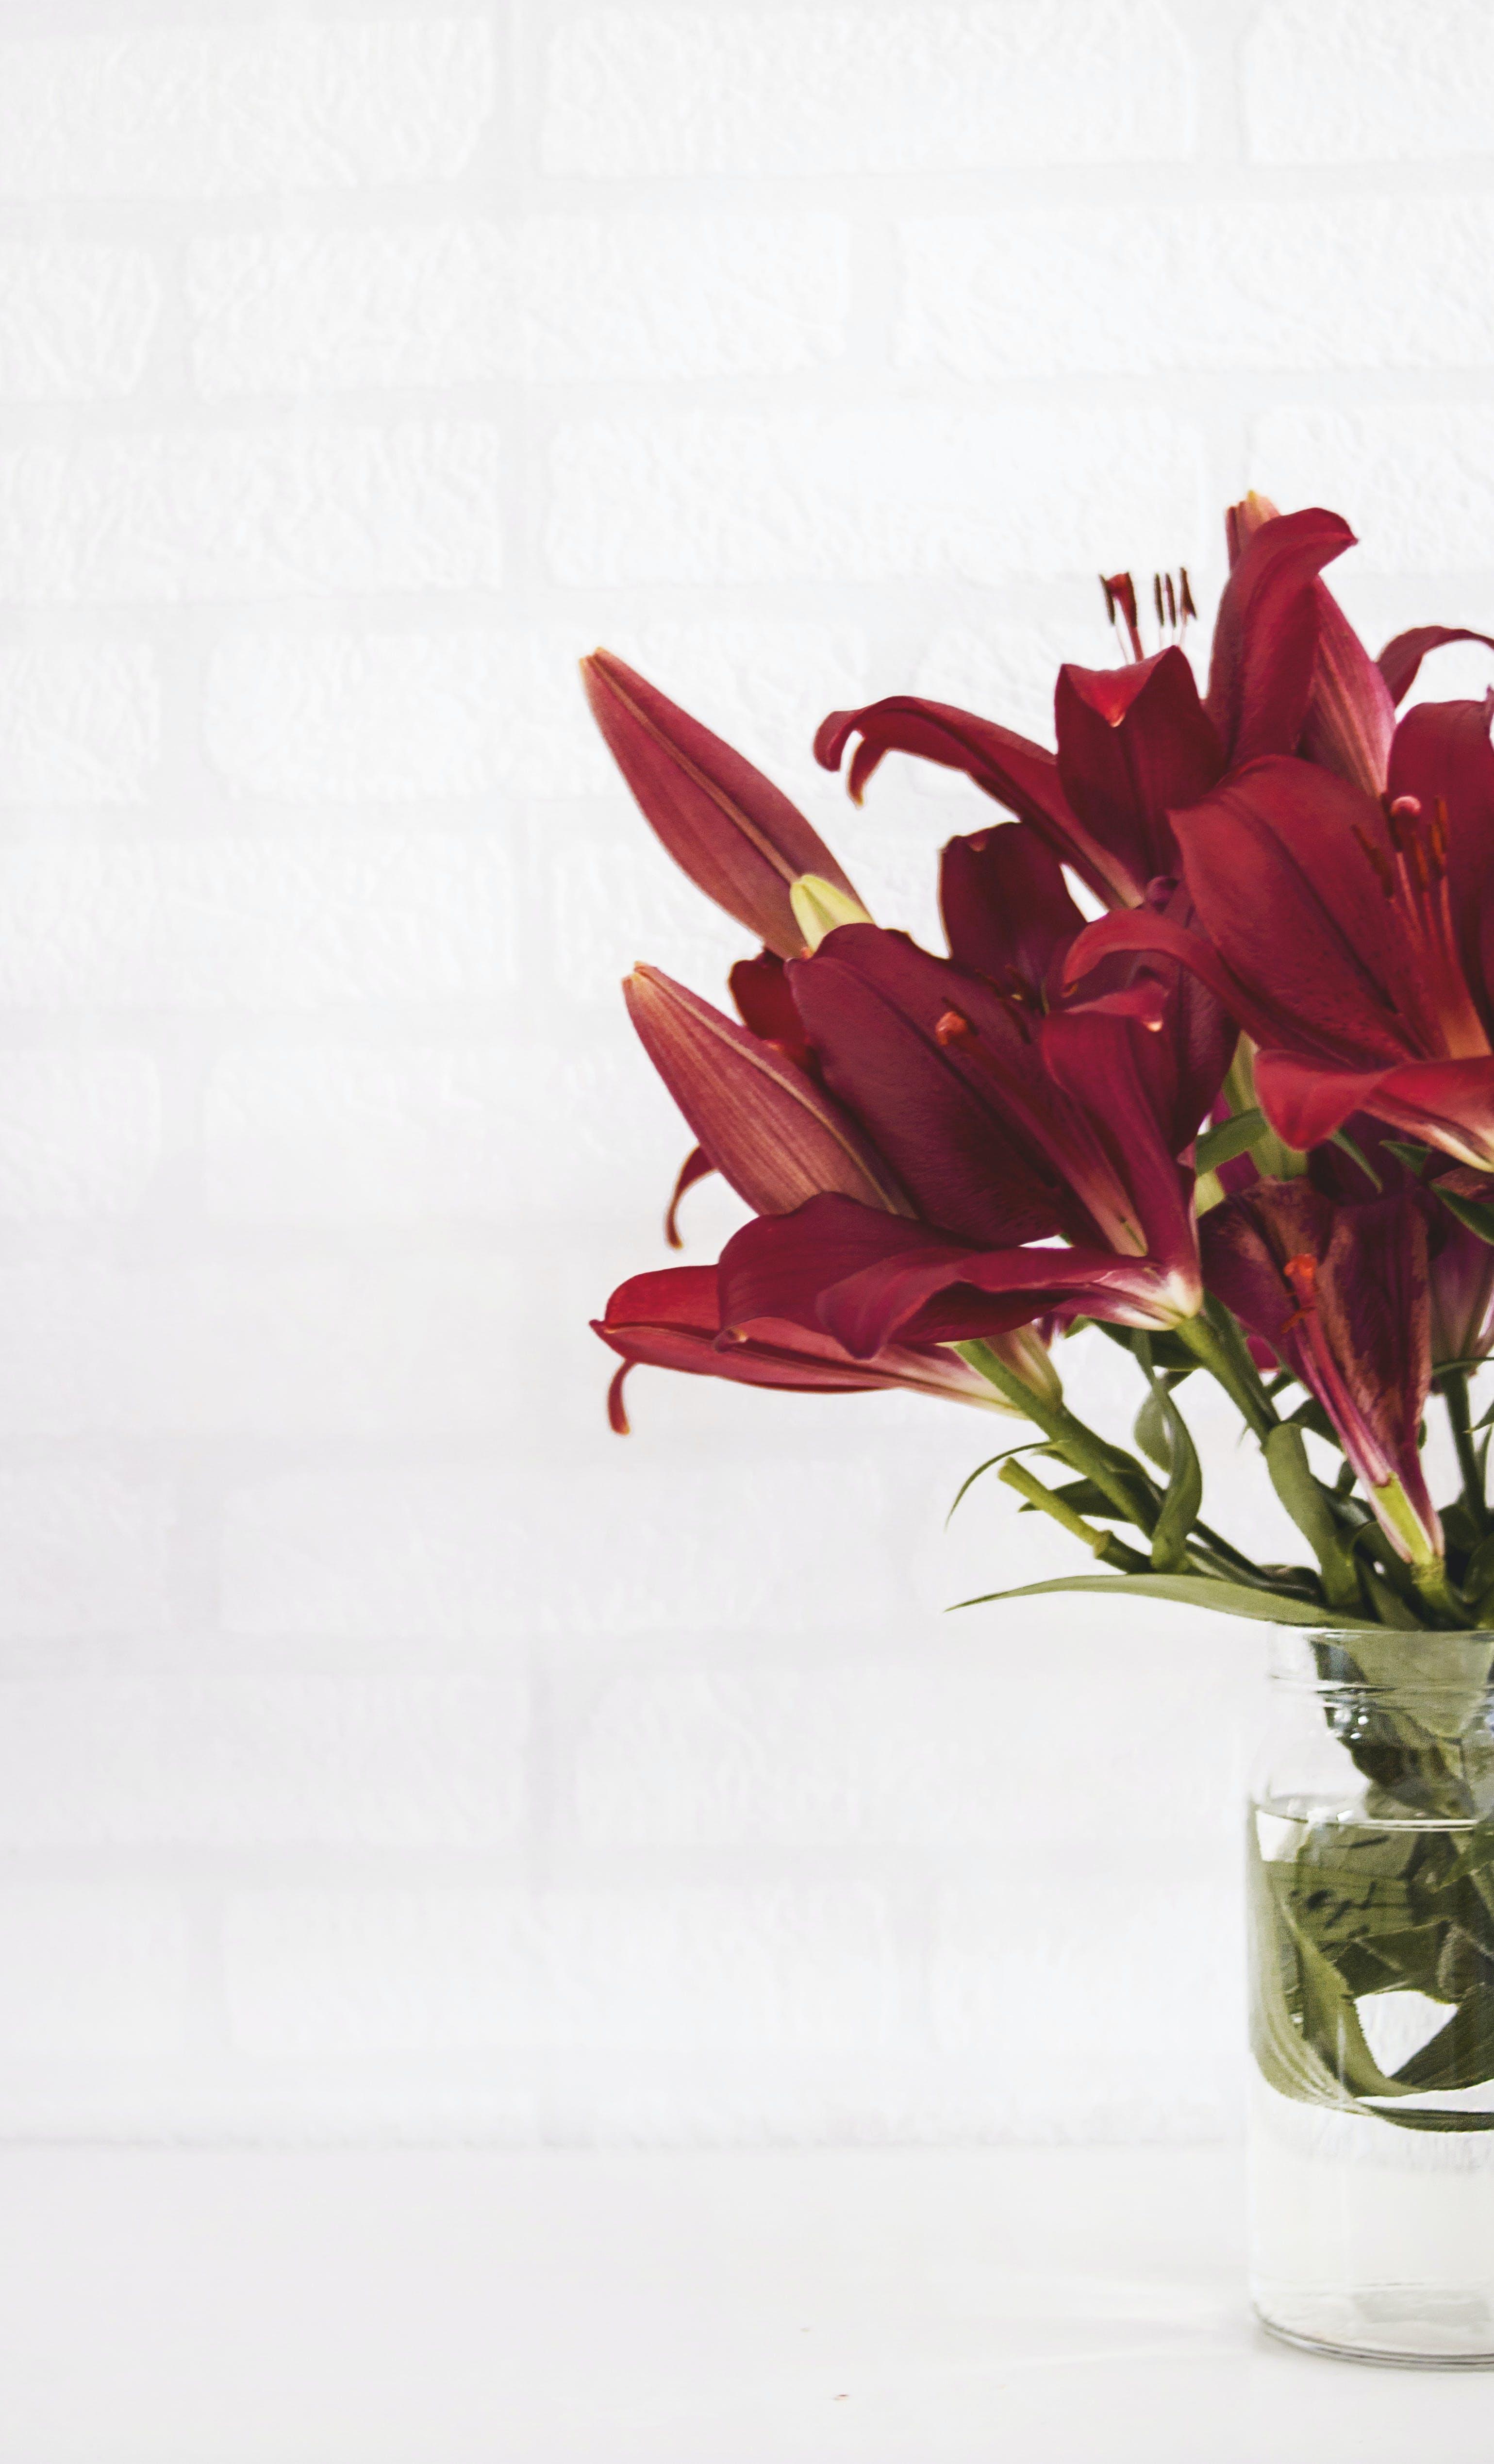 Fotos de stock gratuitas de agua, brillante, colores, flora